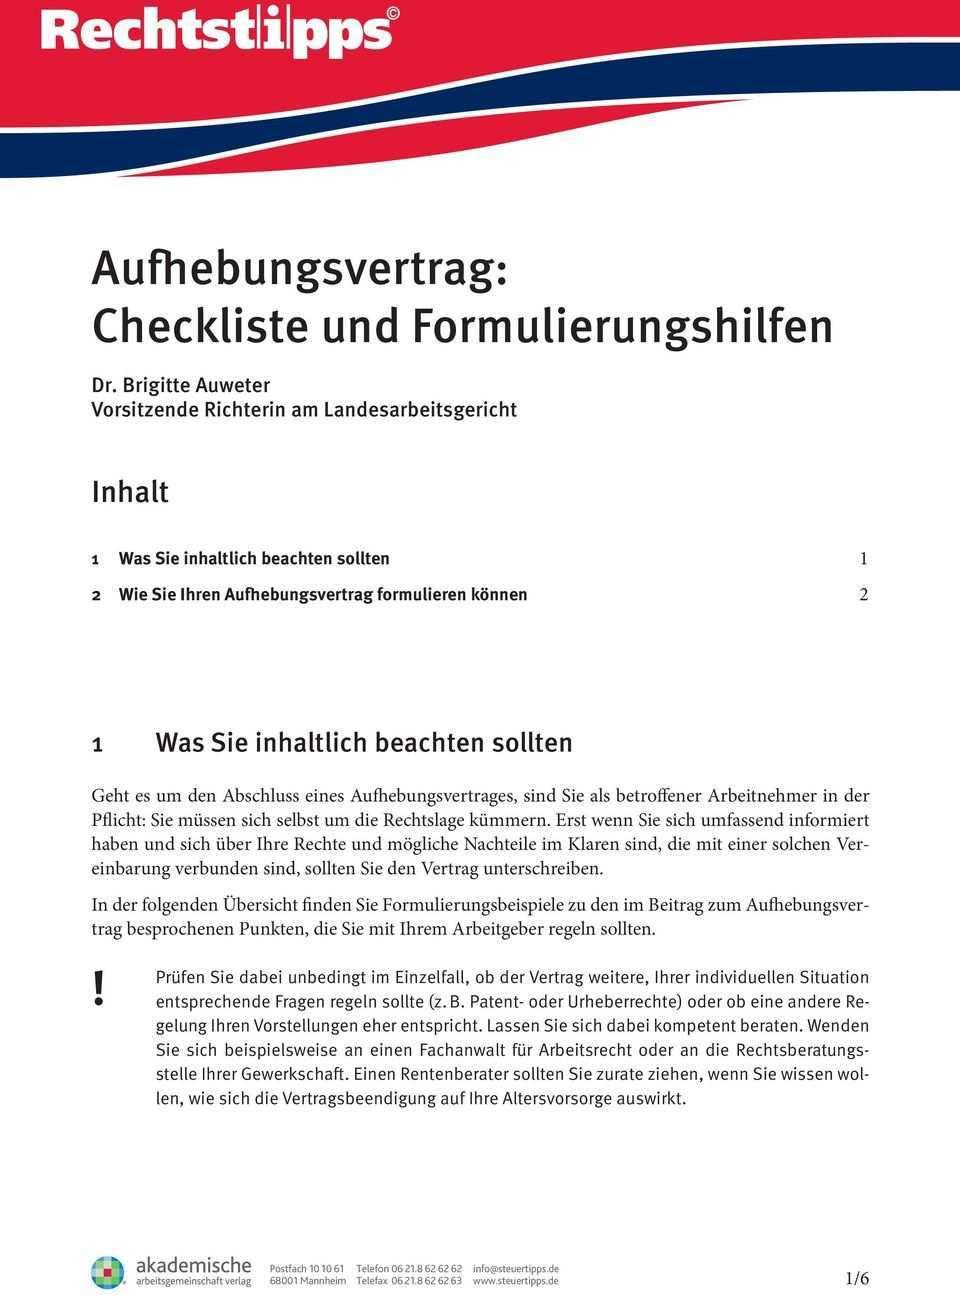 Aufhebungsvertrag Checkliste Und Formulierungshilfen Pdf Free Download